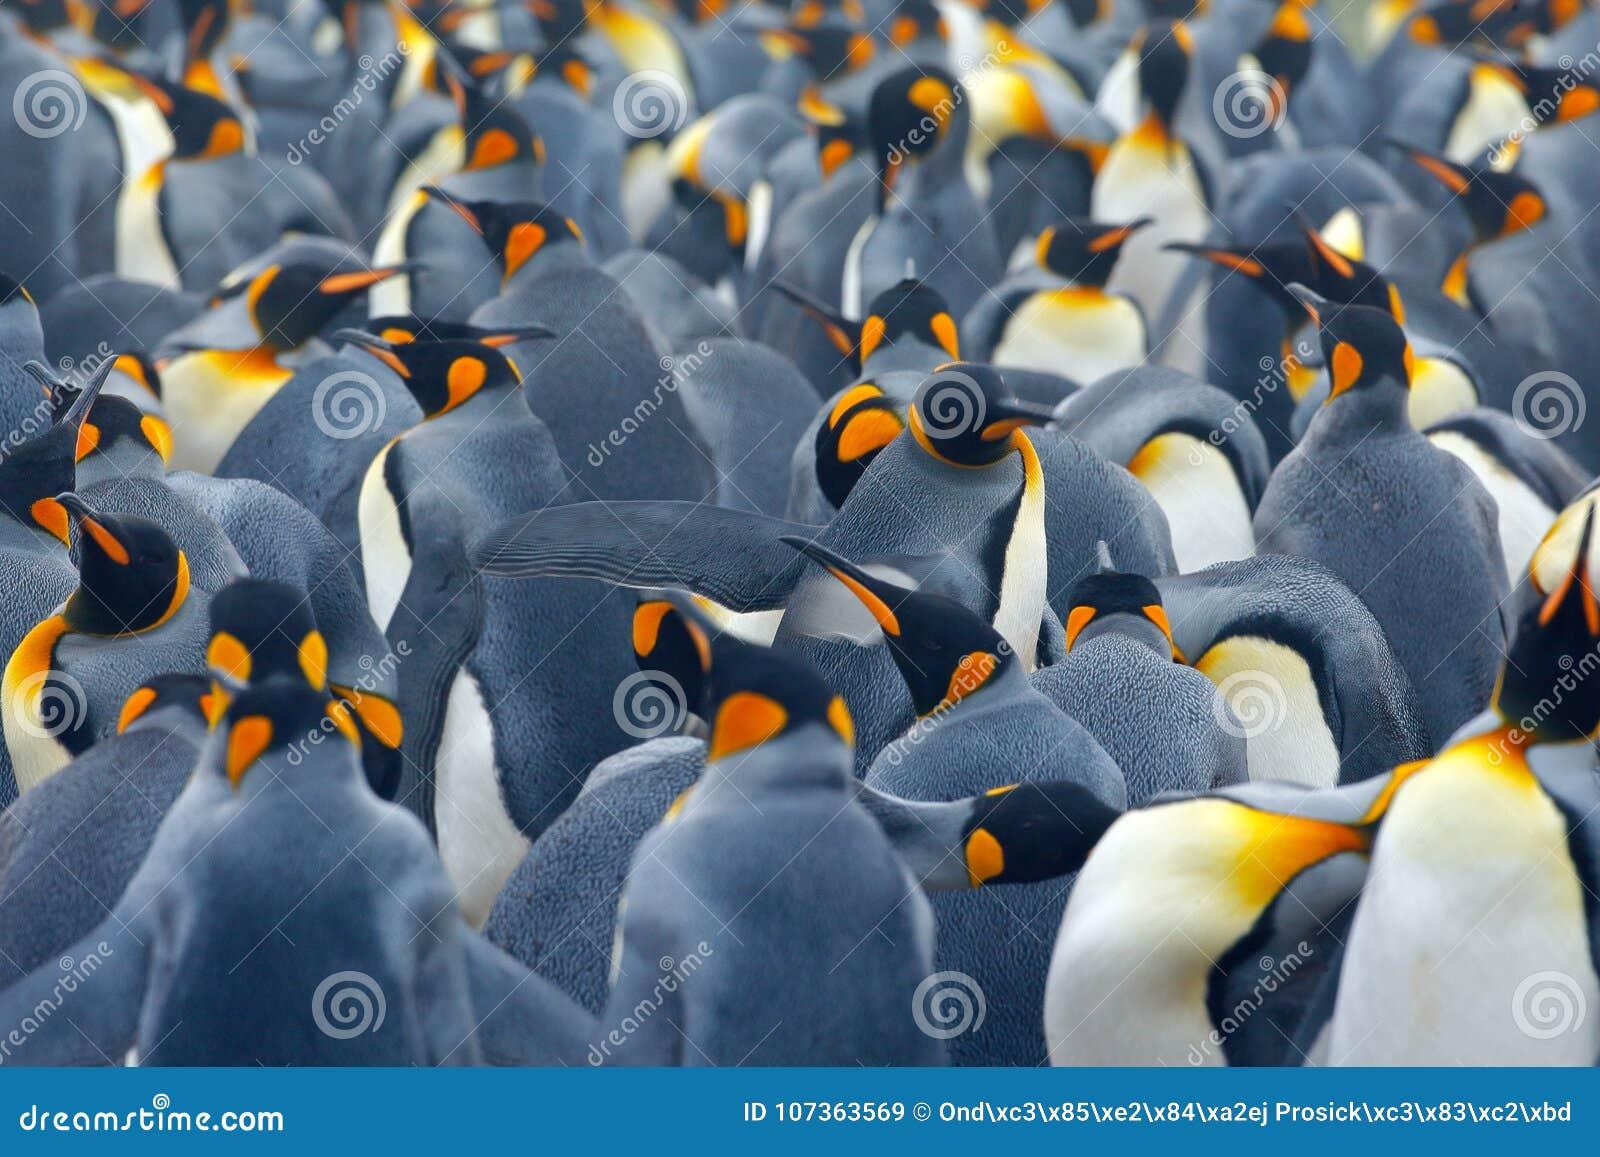 企鹅国王殖民地 许多鸟一起,在福克兰群岛 从自然的野生生物场面 动物行为在南极洲 企鹅